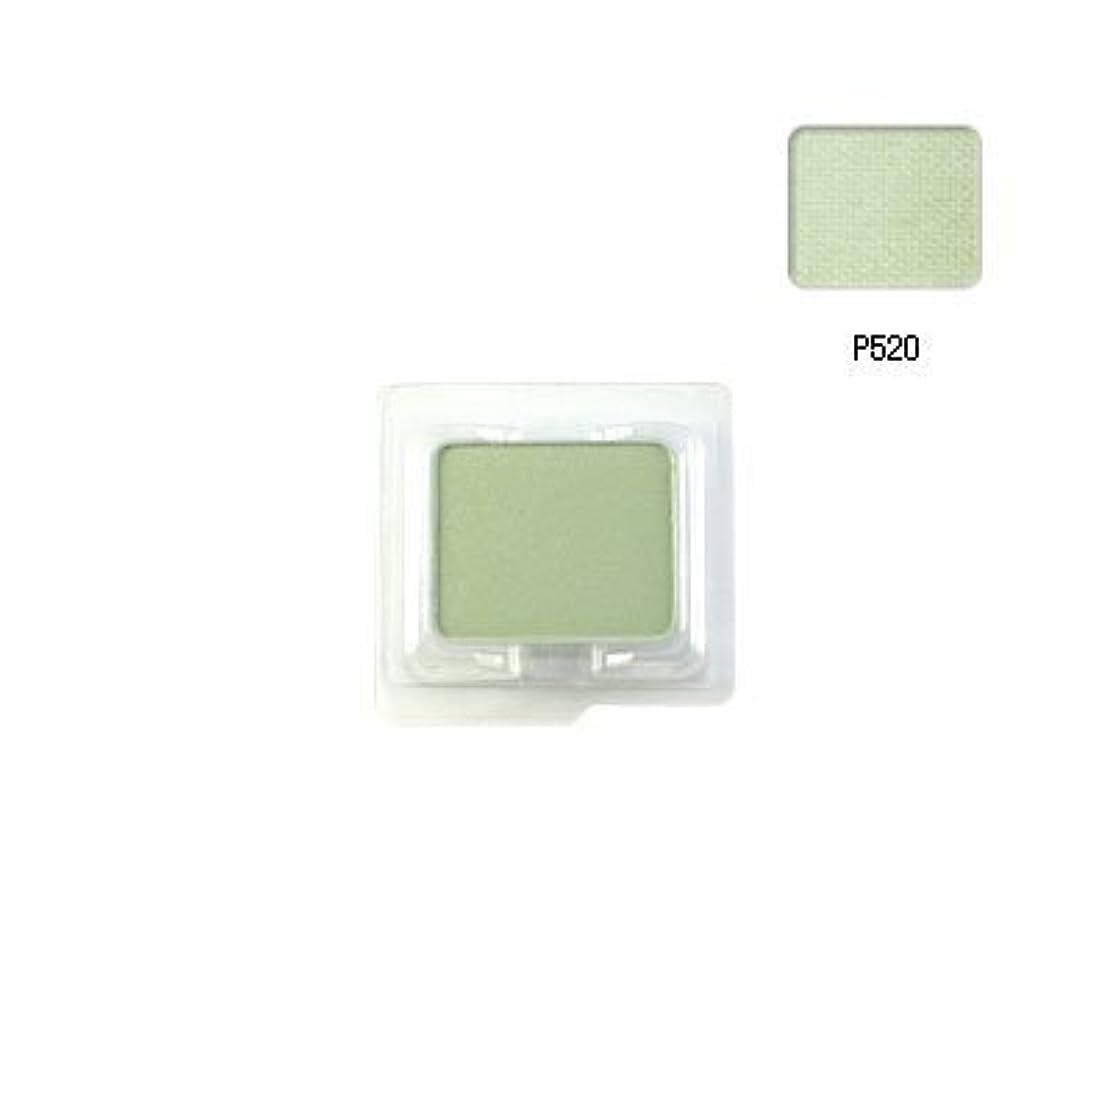 そよ風できないピアシュウウエムラ プレスド アイシャドー(レフィル) P ライトグリーン 520 [並行輸入品]